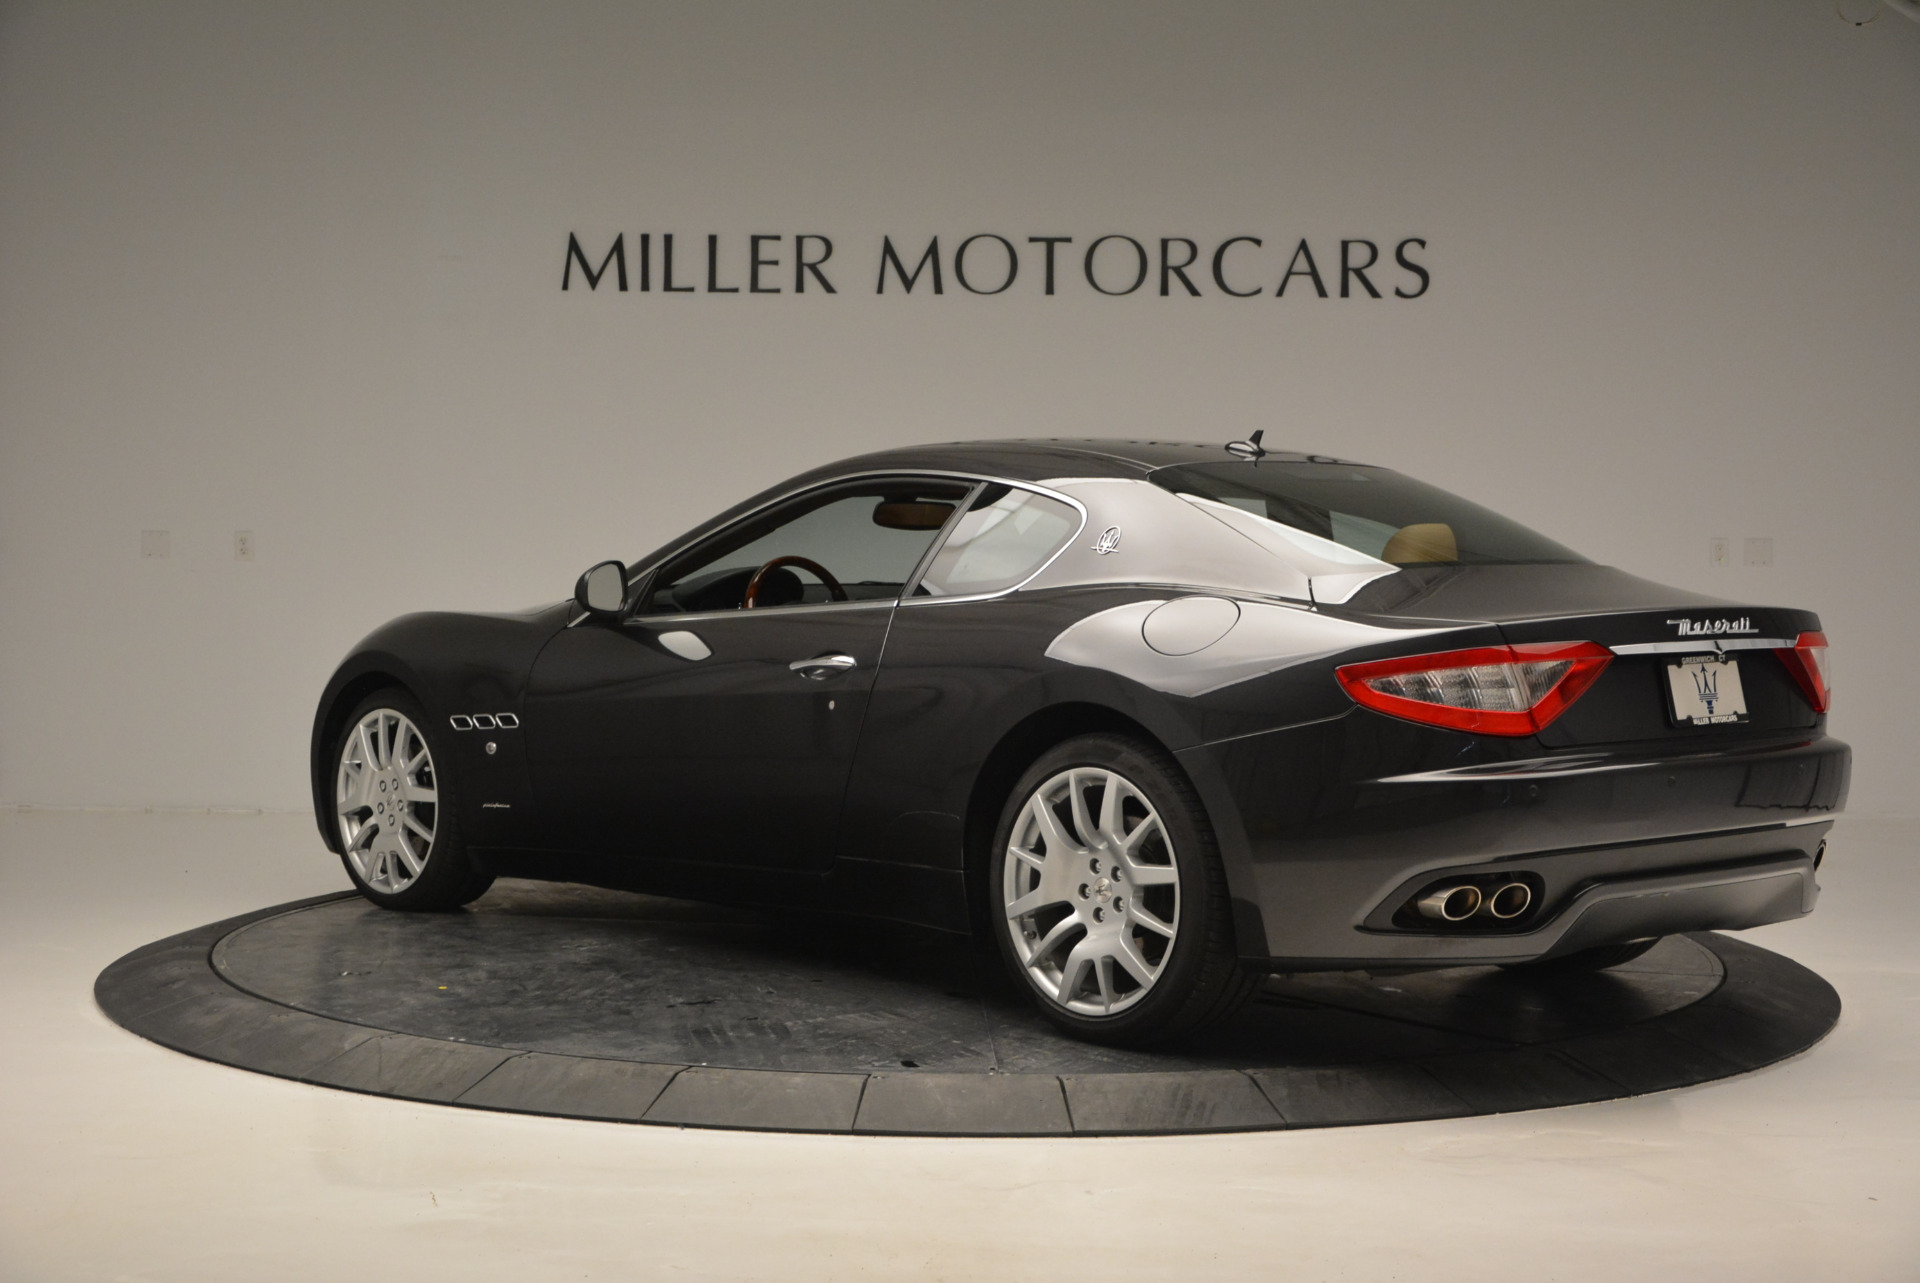 Used 2011 Maserati GranTurismo  For Sale In Greenwich, CT. Alfa Romeo of Greenwich, 7128 816_p4